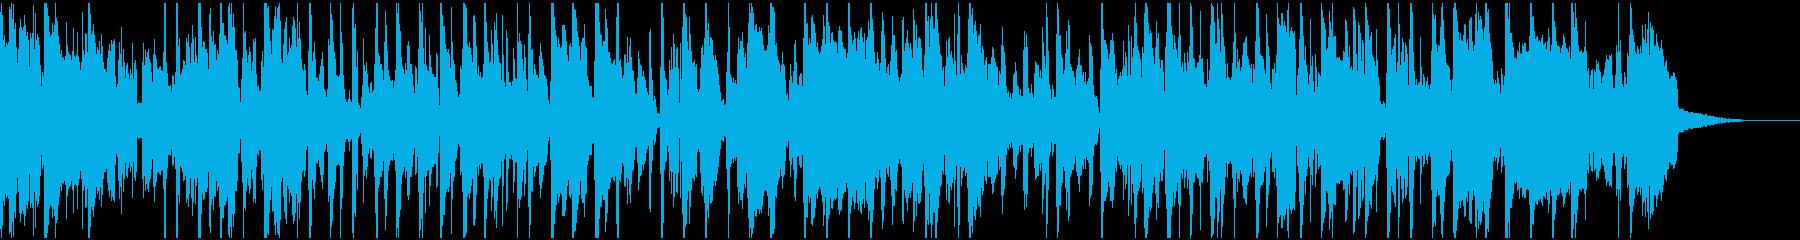 トランペットの響きが美しいスロージャズの再生済みの波形